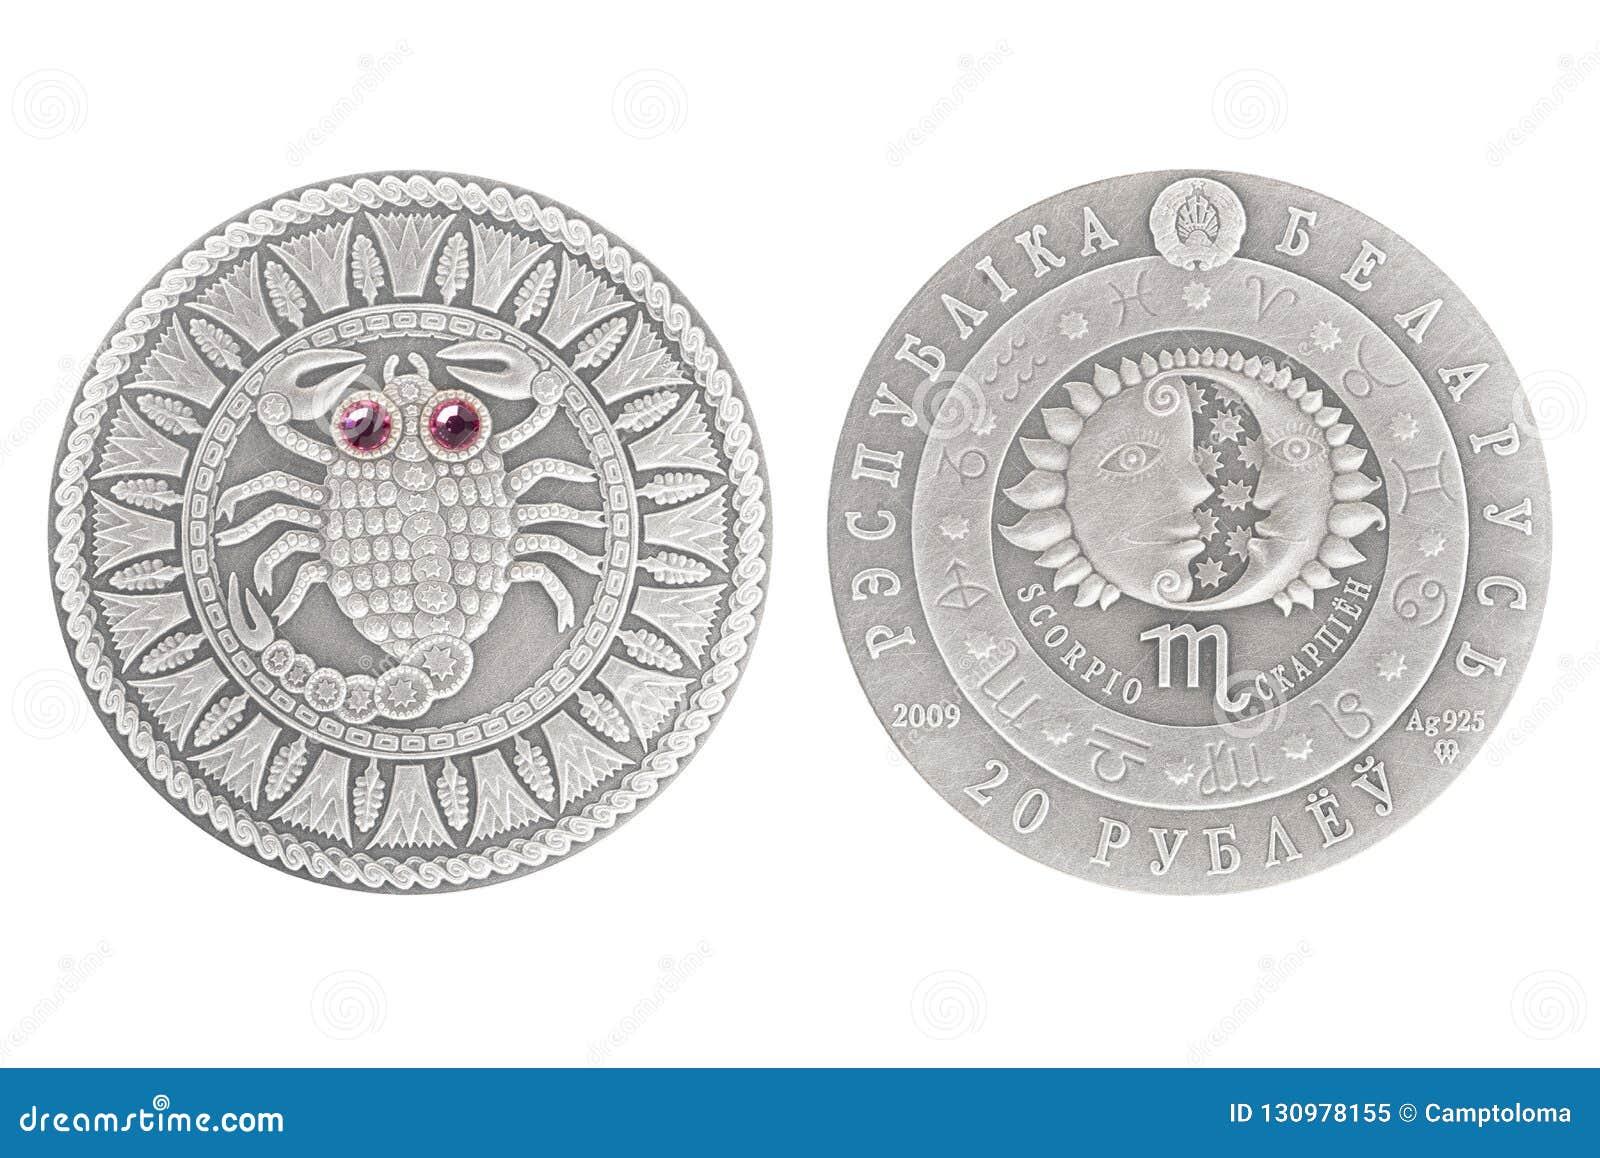 Scorpio Belarus silver coin